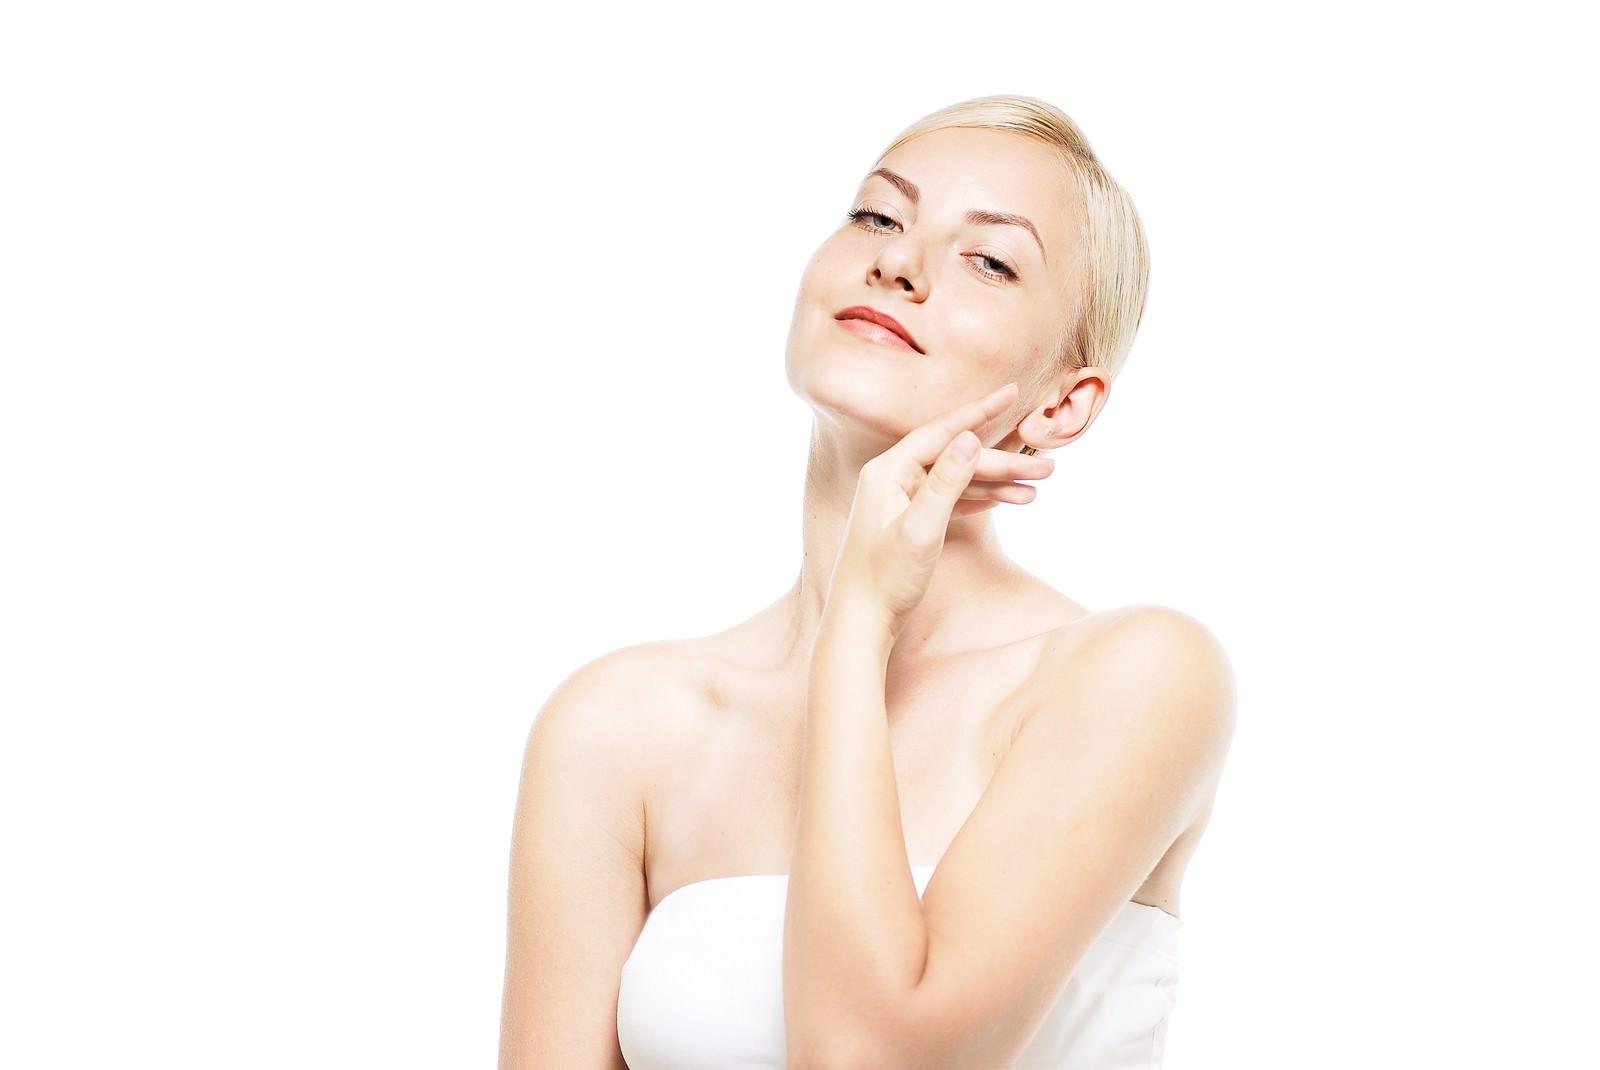 「透き通る肌を強調する女性(美容・エステ)透き通る肌を強調する女性(美容・エステ)」[モデル:モデルファクトリー]のフリー写真素材を拡大